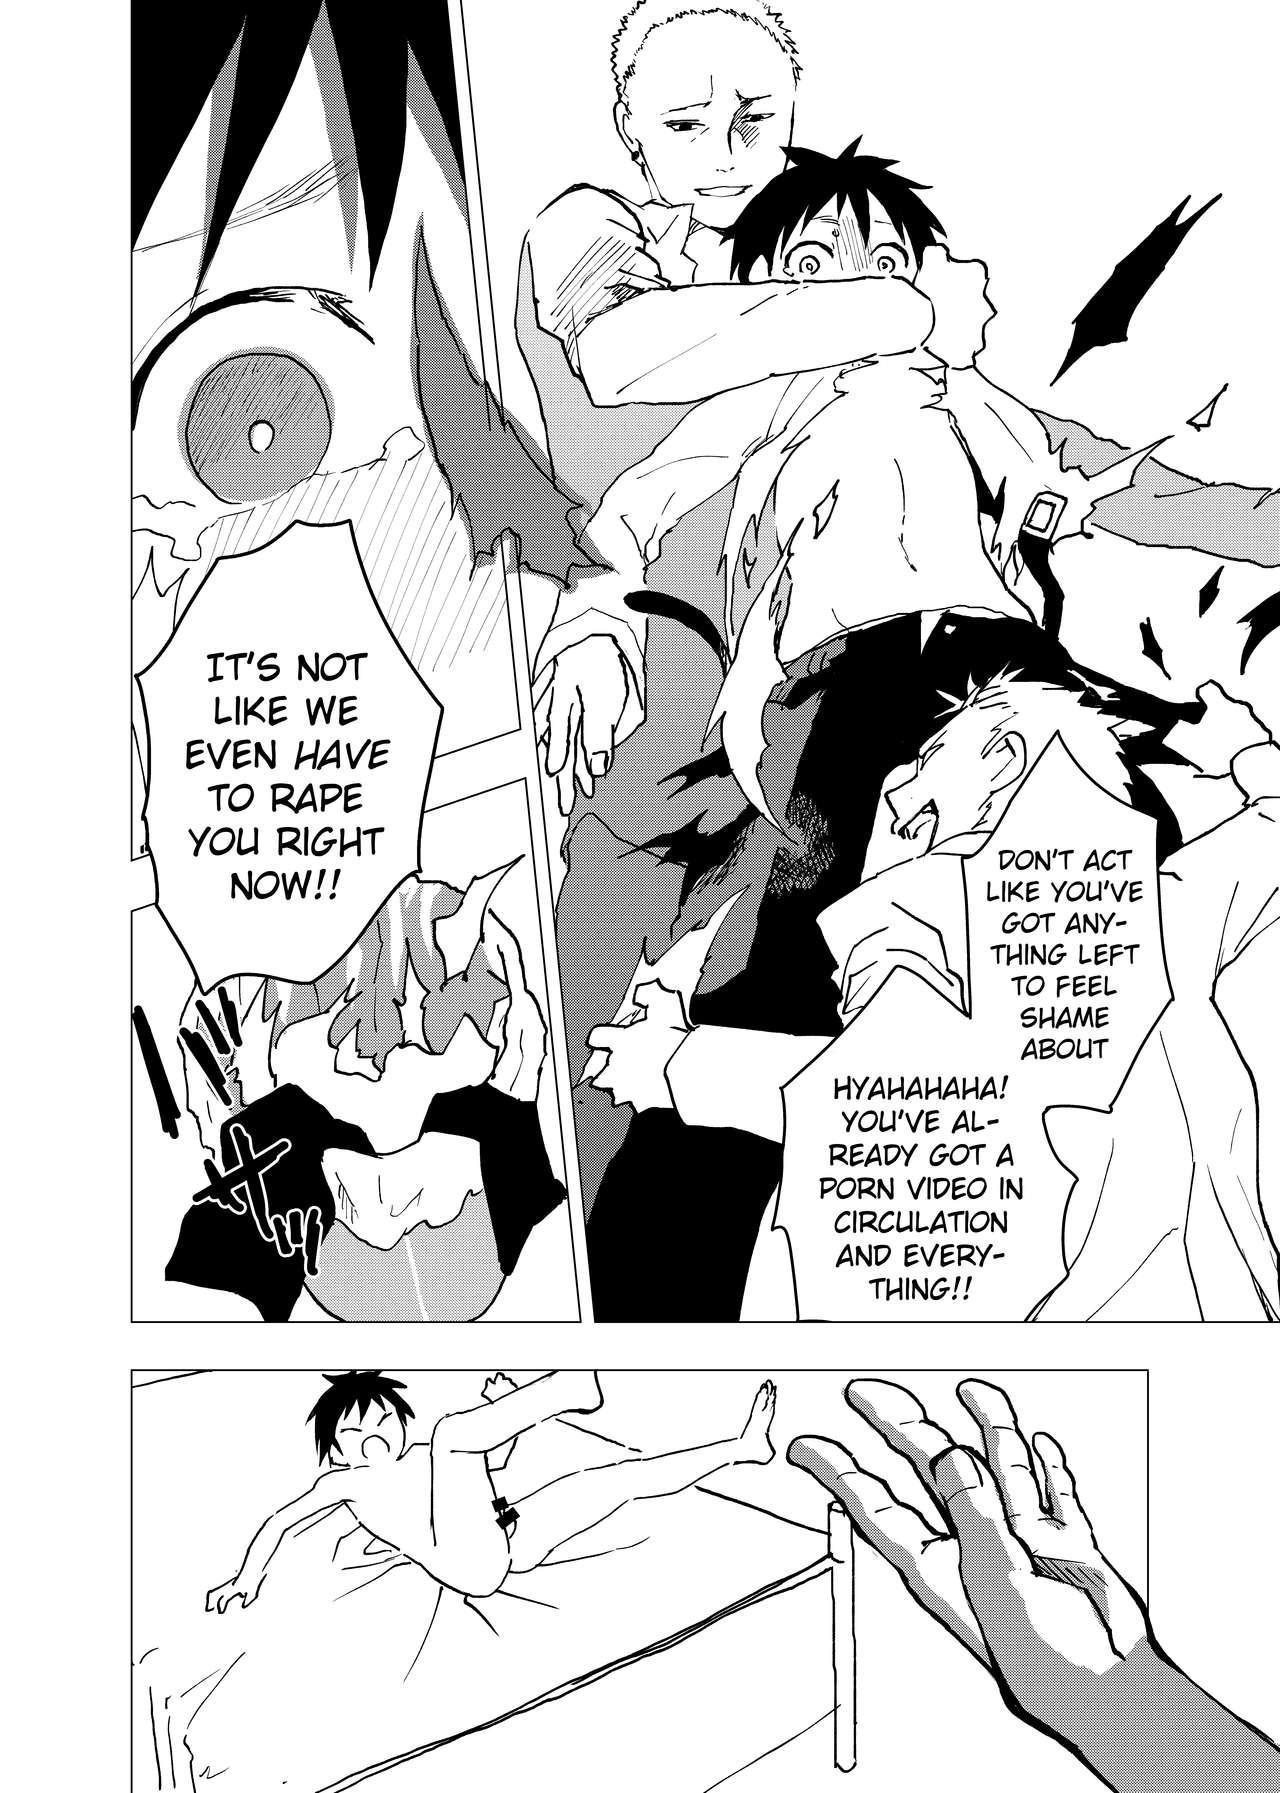 Ibasho ga Nai node Kamimachi shite mita Suterareta Shounen no Ero Manga   A Dirty Manga About a Boy Who Got Abandoned and Is Waiting for Someone To Save Him Ch. 5 23